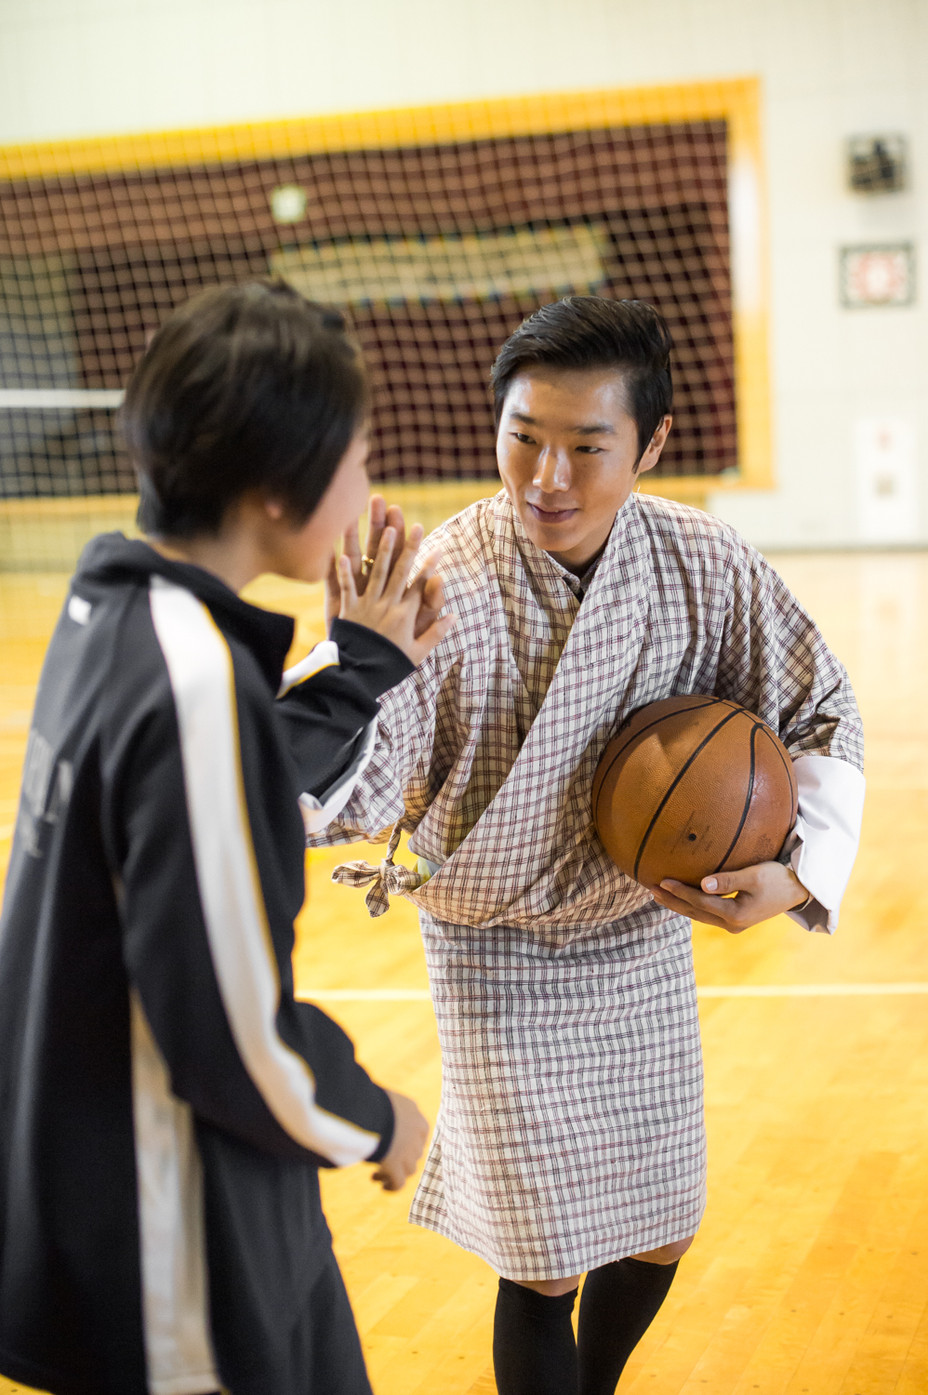 ブータン王子、ダショー・ジゲル中学校の部活を視察